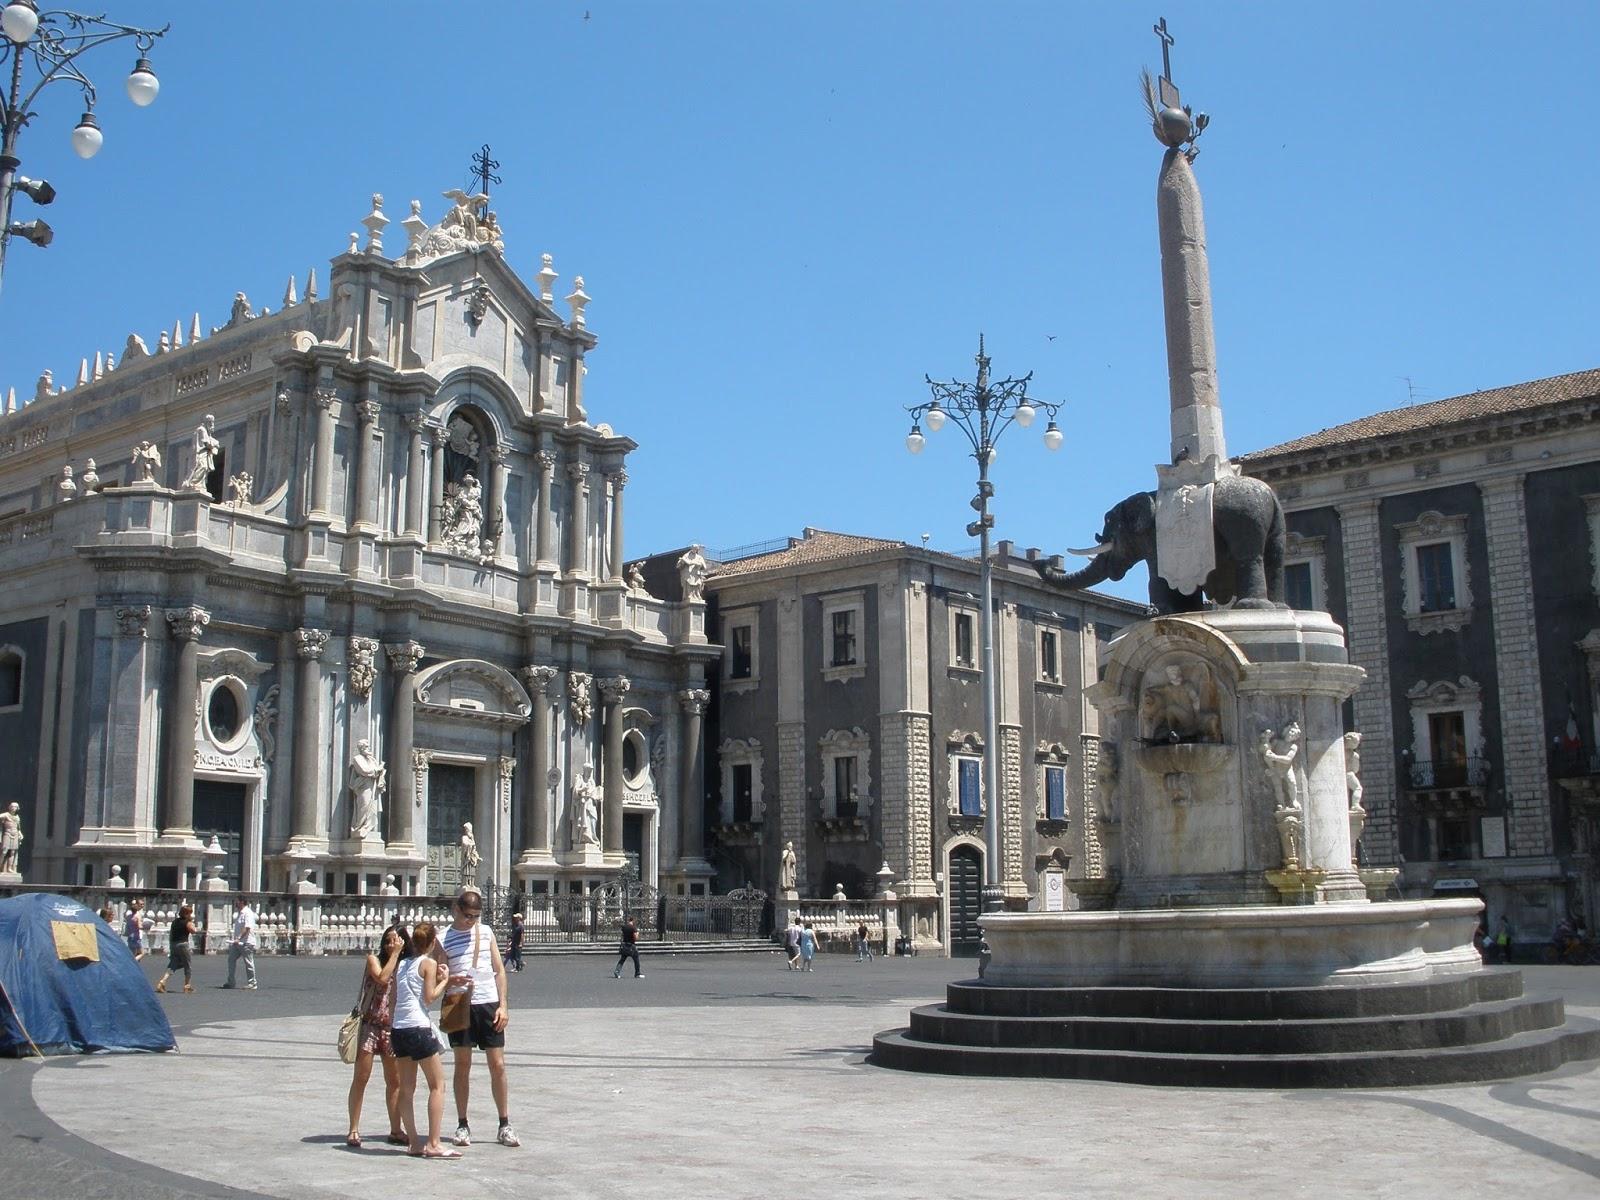 Catedral de Santa Águeda, Duomo de Catania, posee un campanario con un reloj, de una altura de 90 metros.